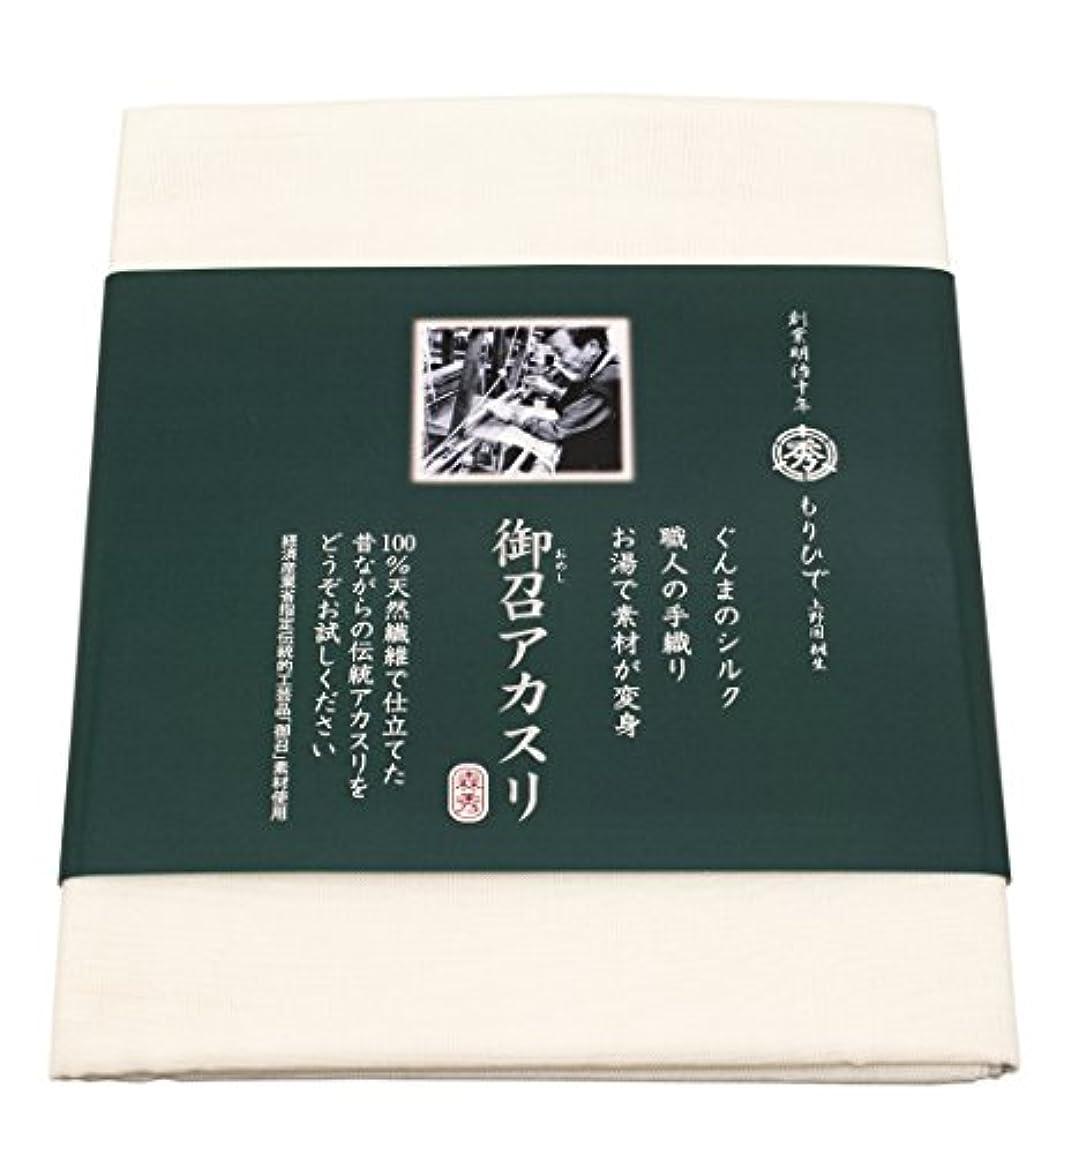 森秀織物 御召アカスリ [ ぐんまシルク 生成り / 120×40cm ] ボディウォッシュタオル 国産シルク100% あかすり (日本製)